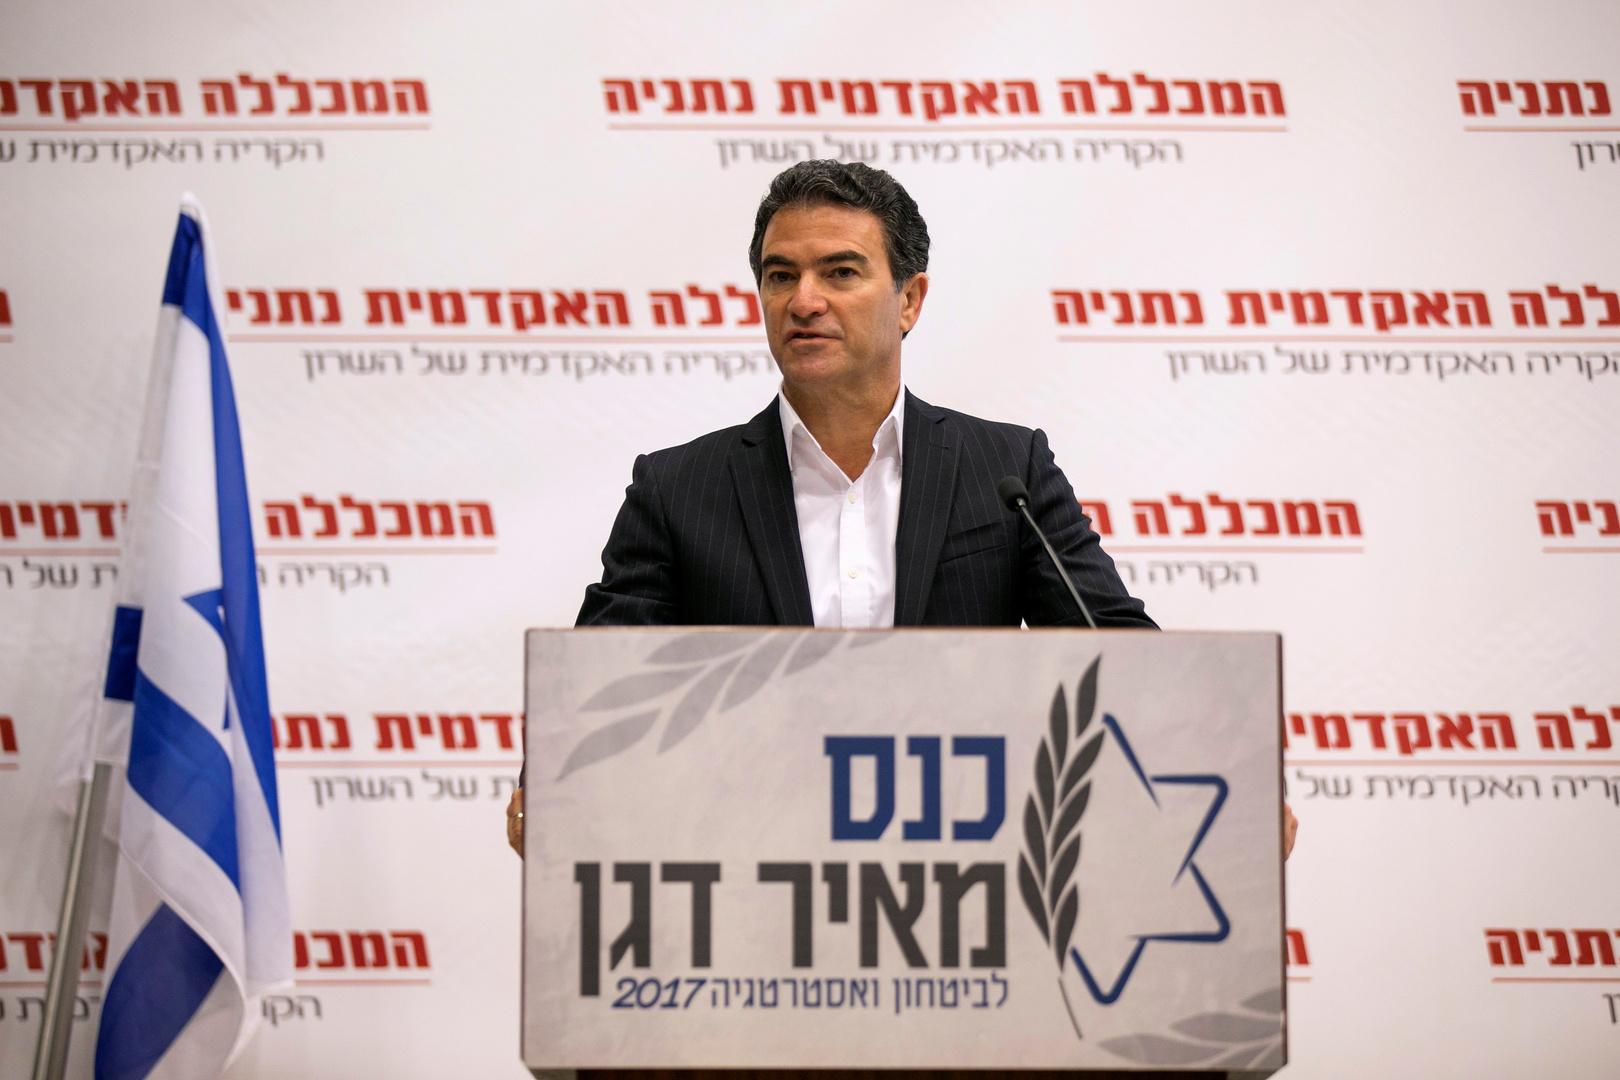 رئيس الموساد: إسرائيل ستصل تدريجيا إلى علاقات مع الدول العربية